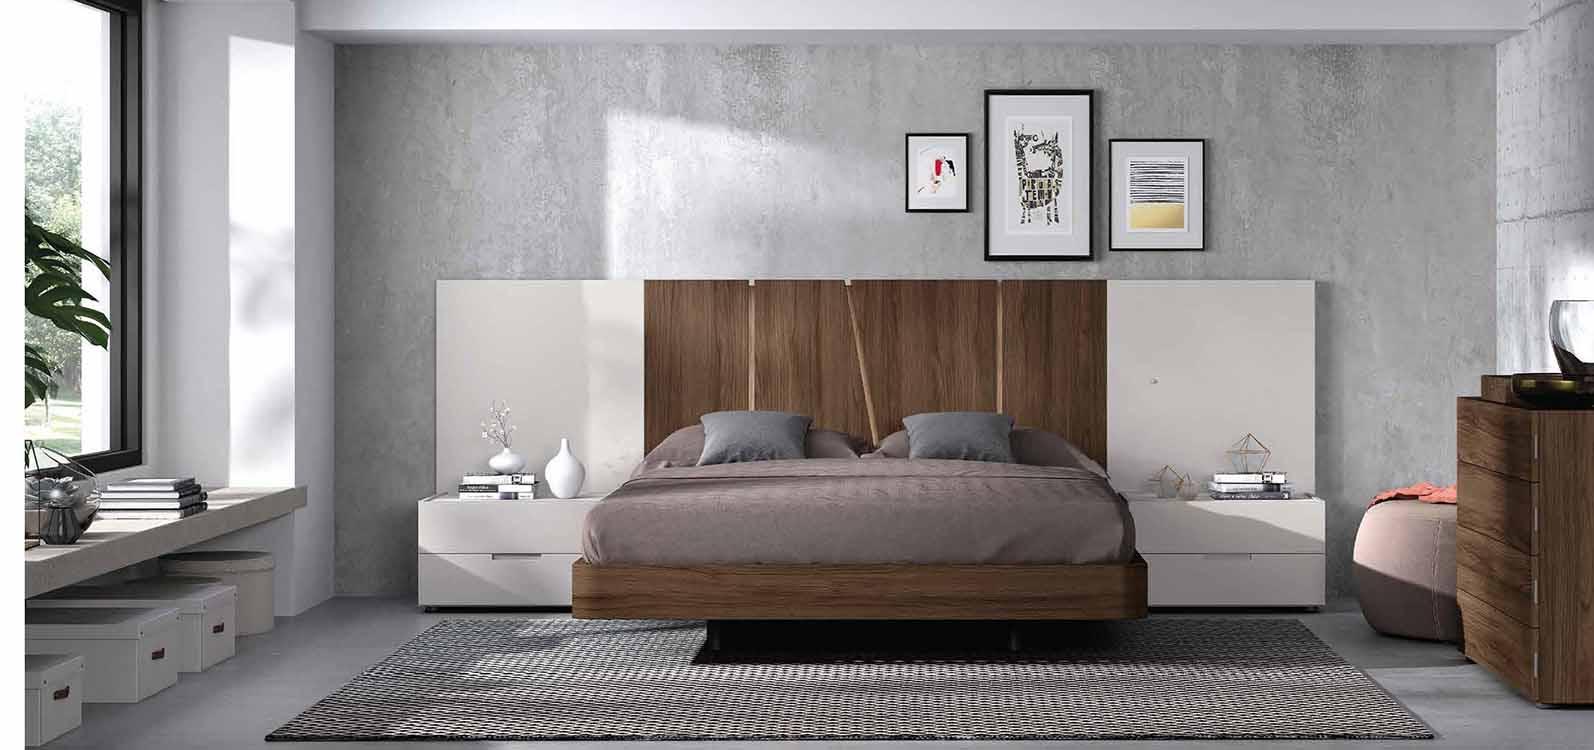 http://www.munozmuebles.net/nueva/catalogo/dormitorios-actuales.html -  Encontrar muebles de color oscuro